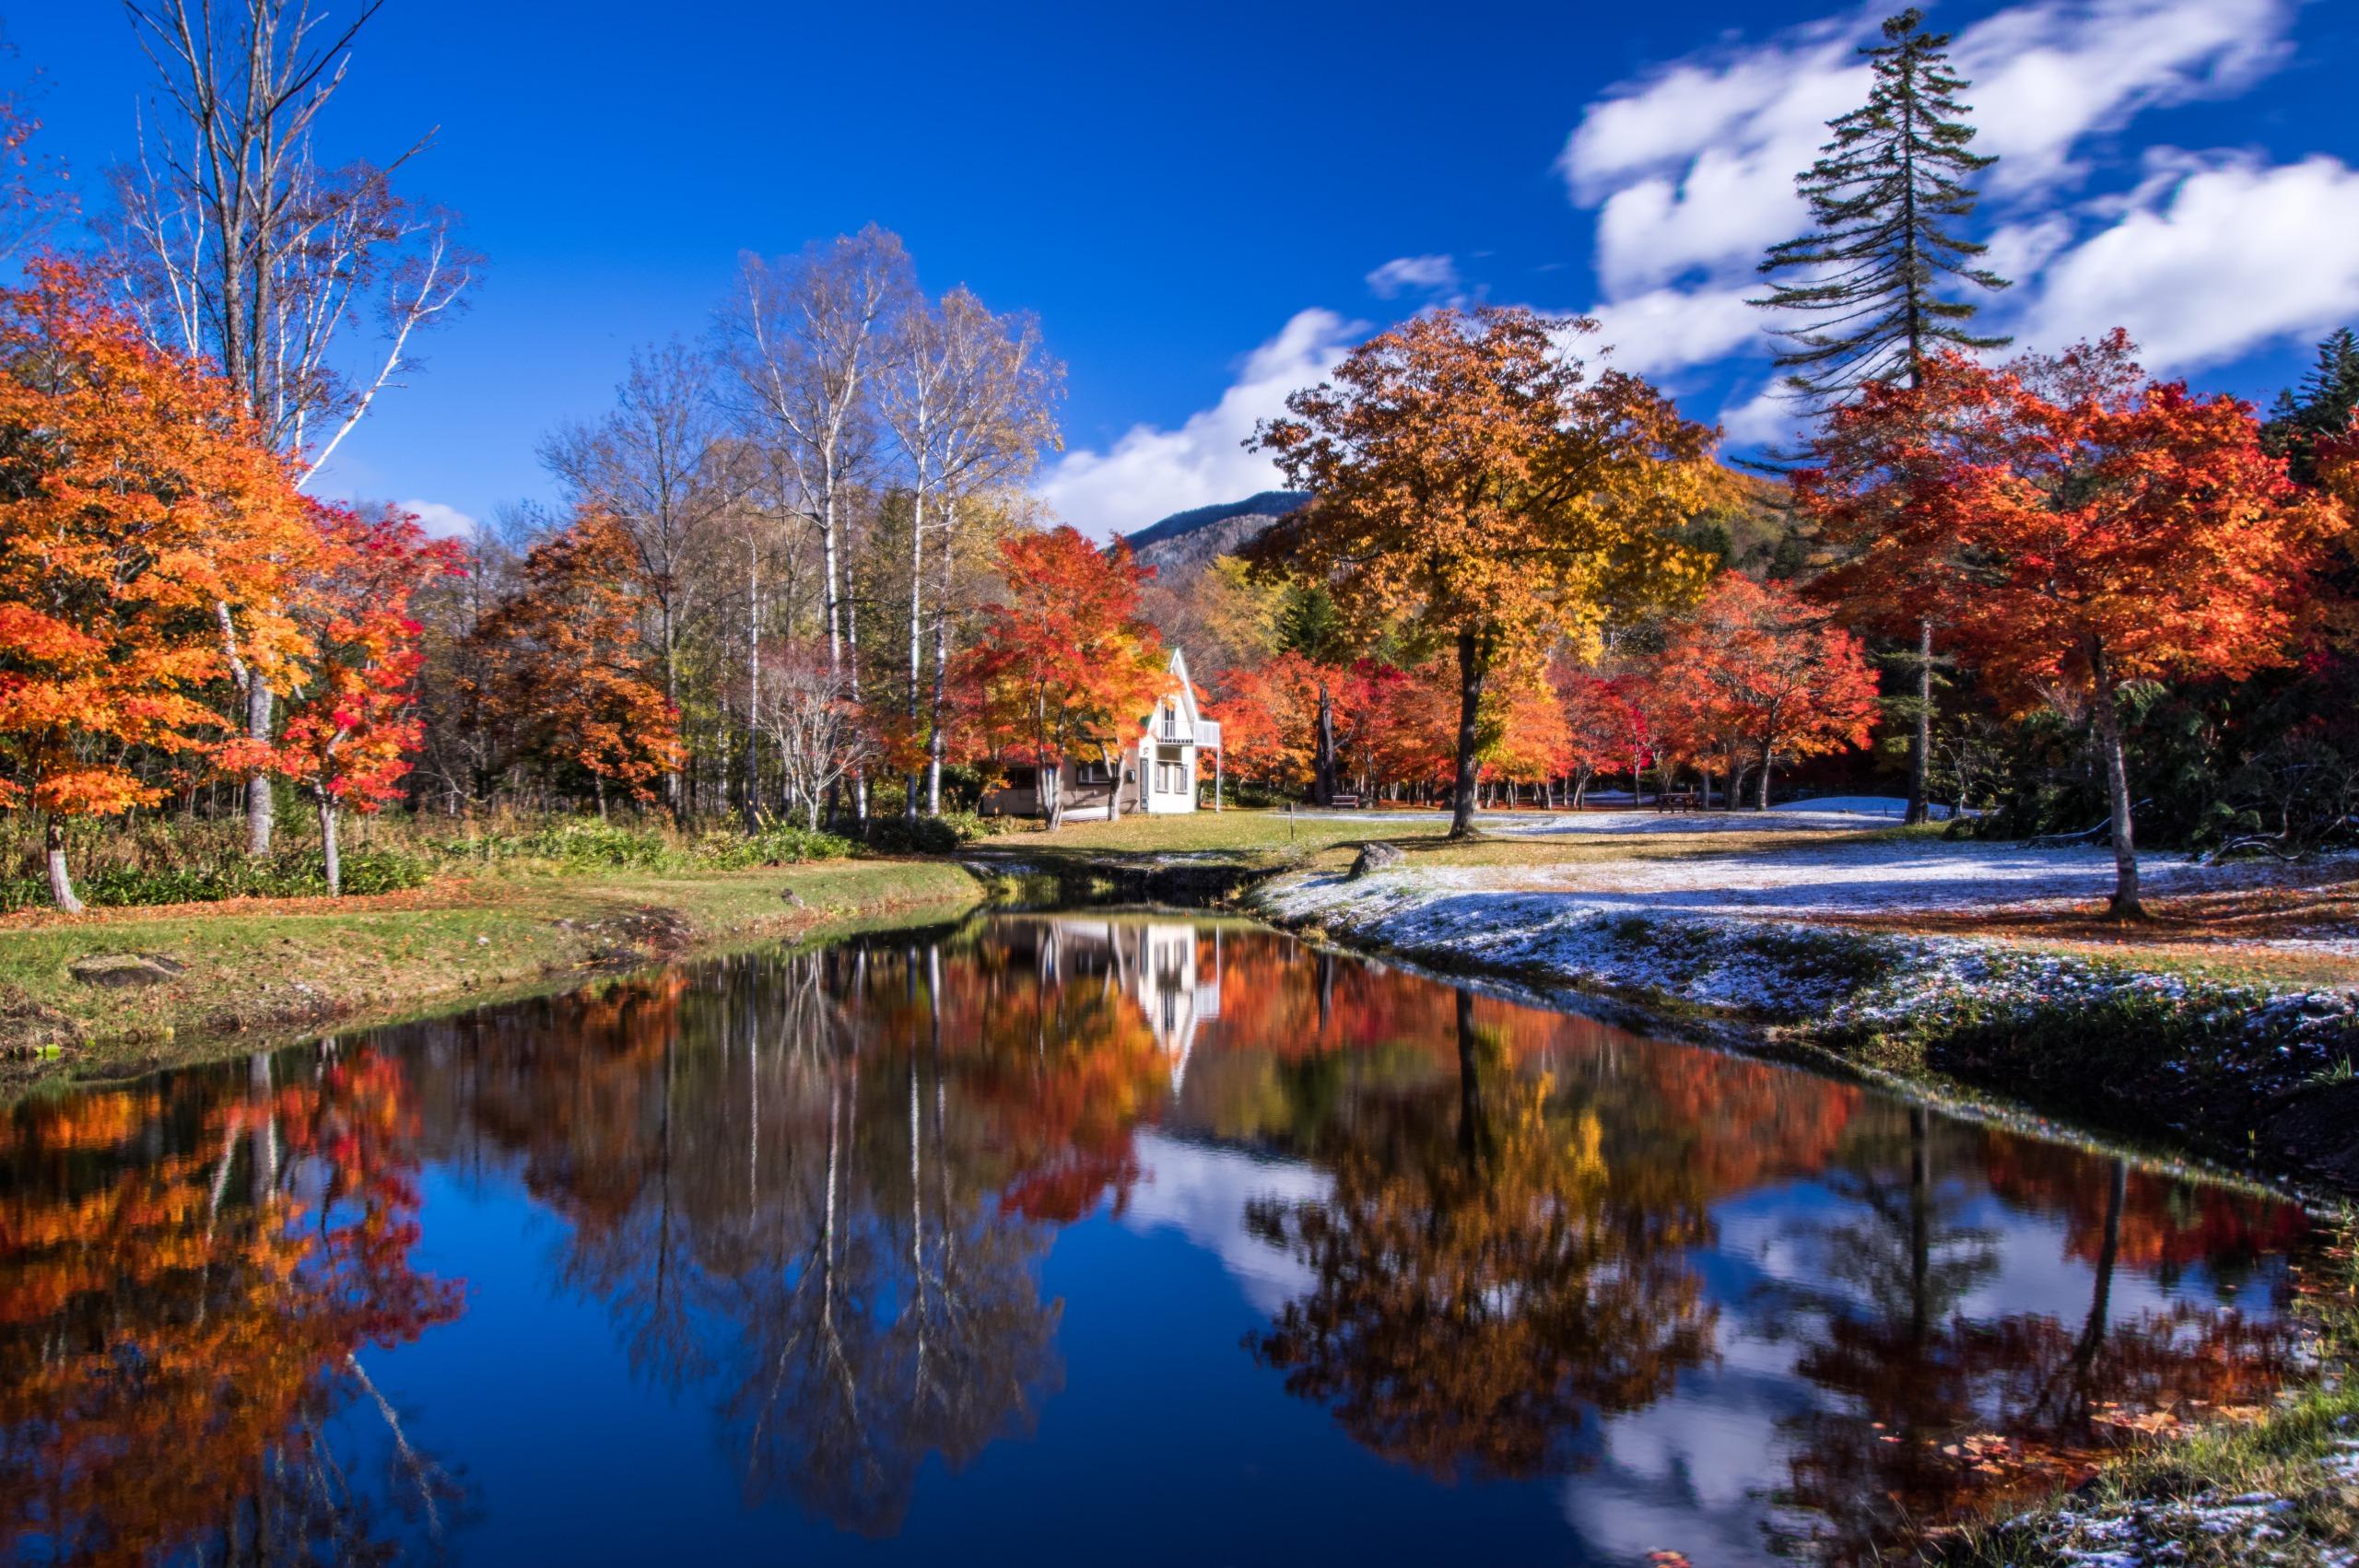 福原山莊:秋季限定開放!被紅葉溫暖包圍的休憩山莊